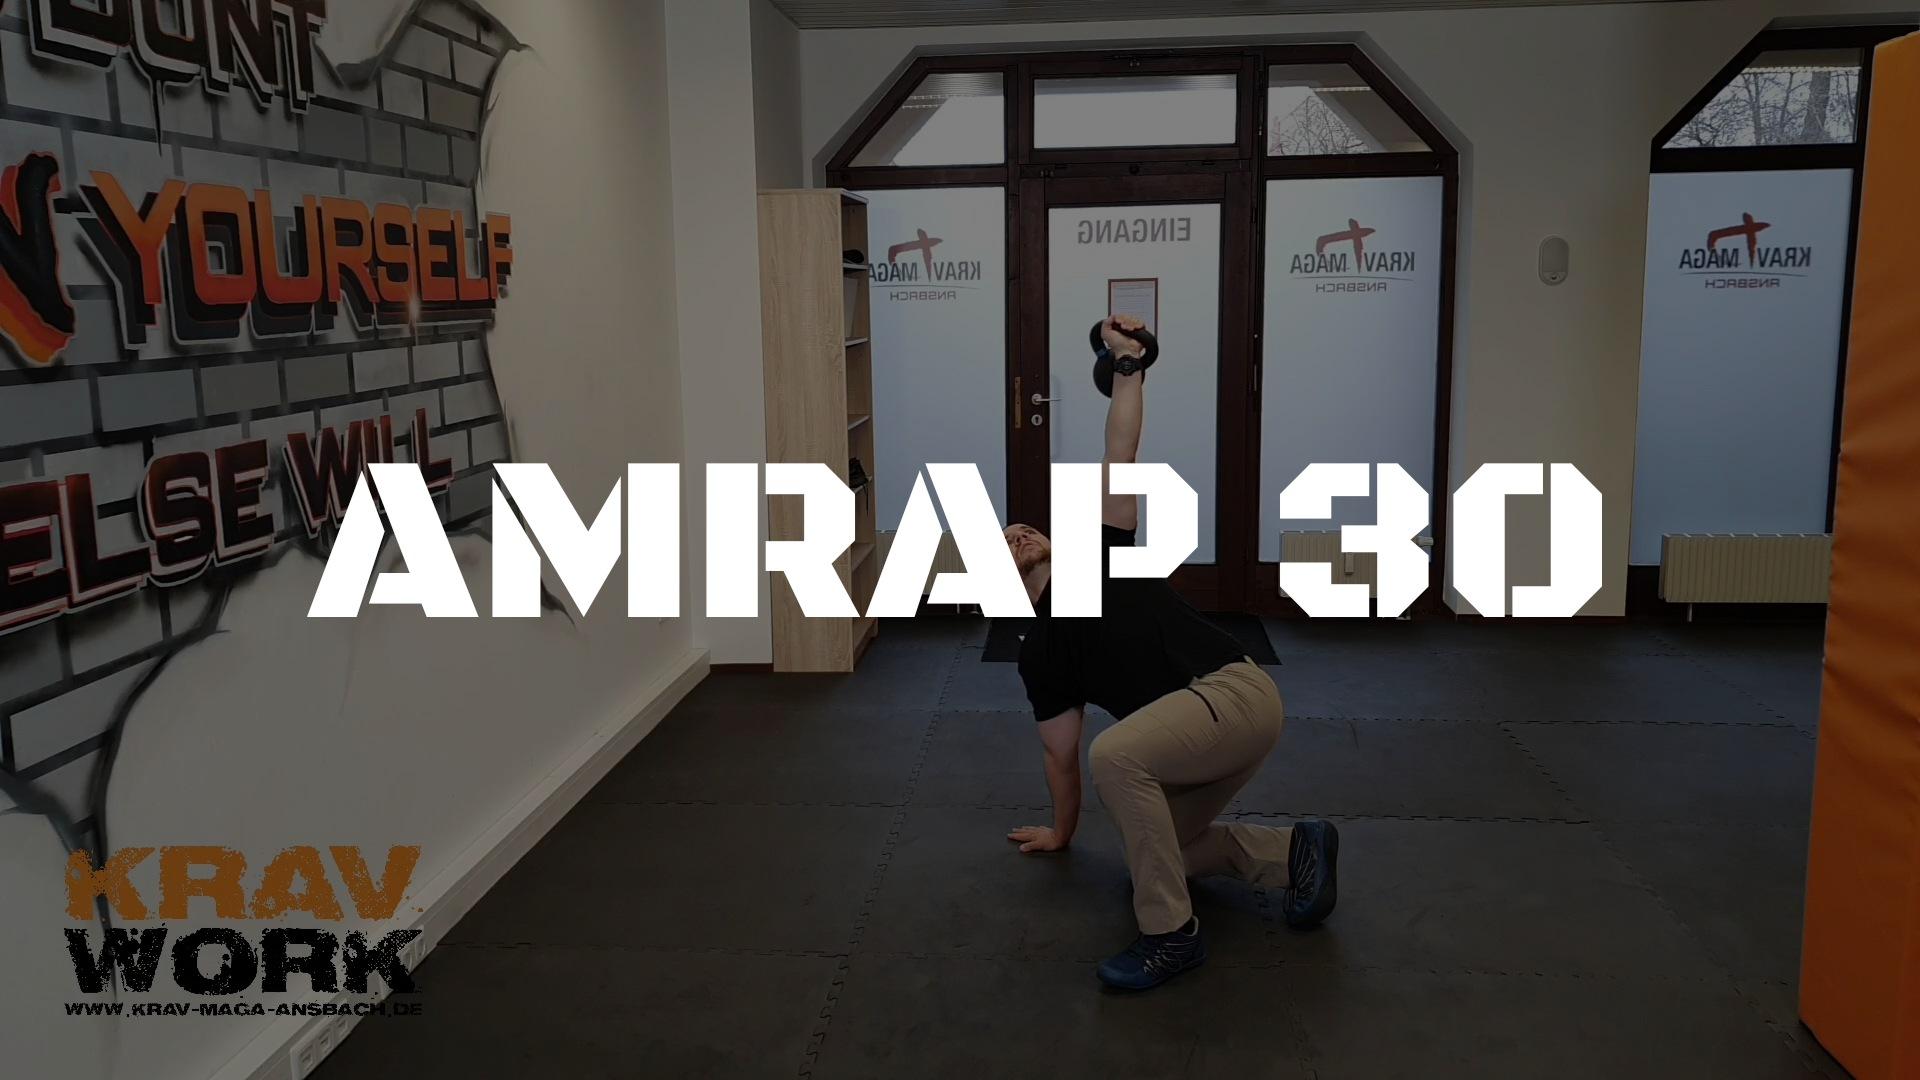 KRAV WORK | AMRAP 30